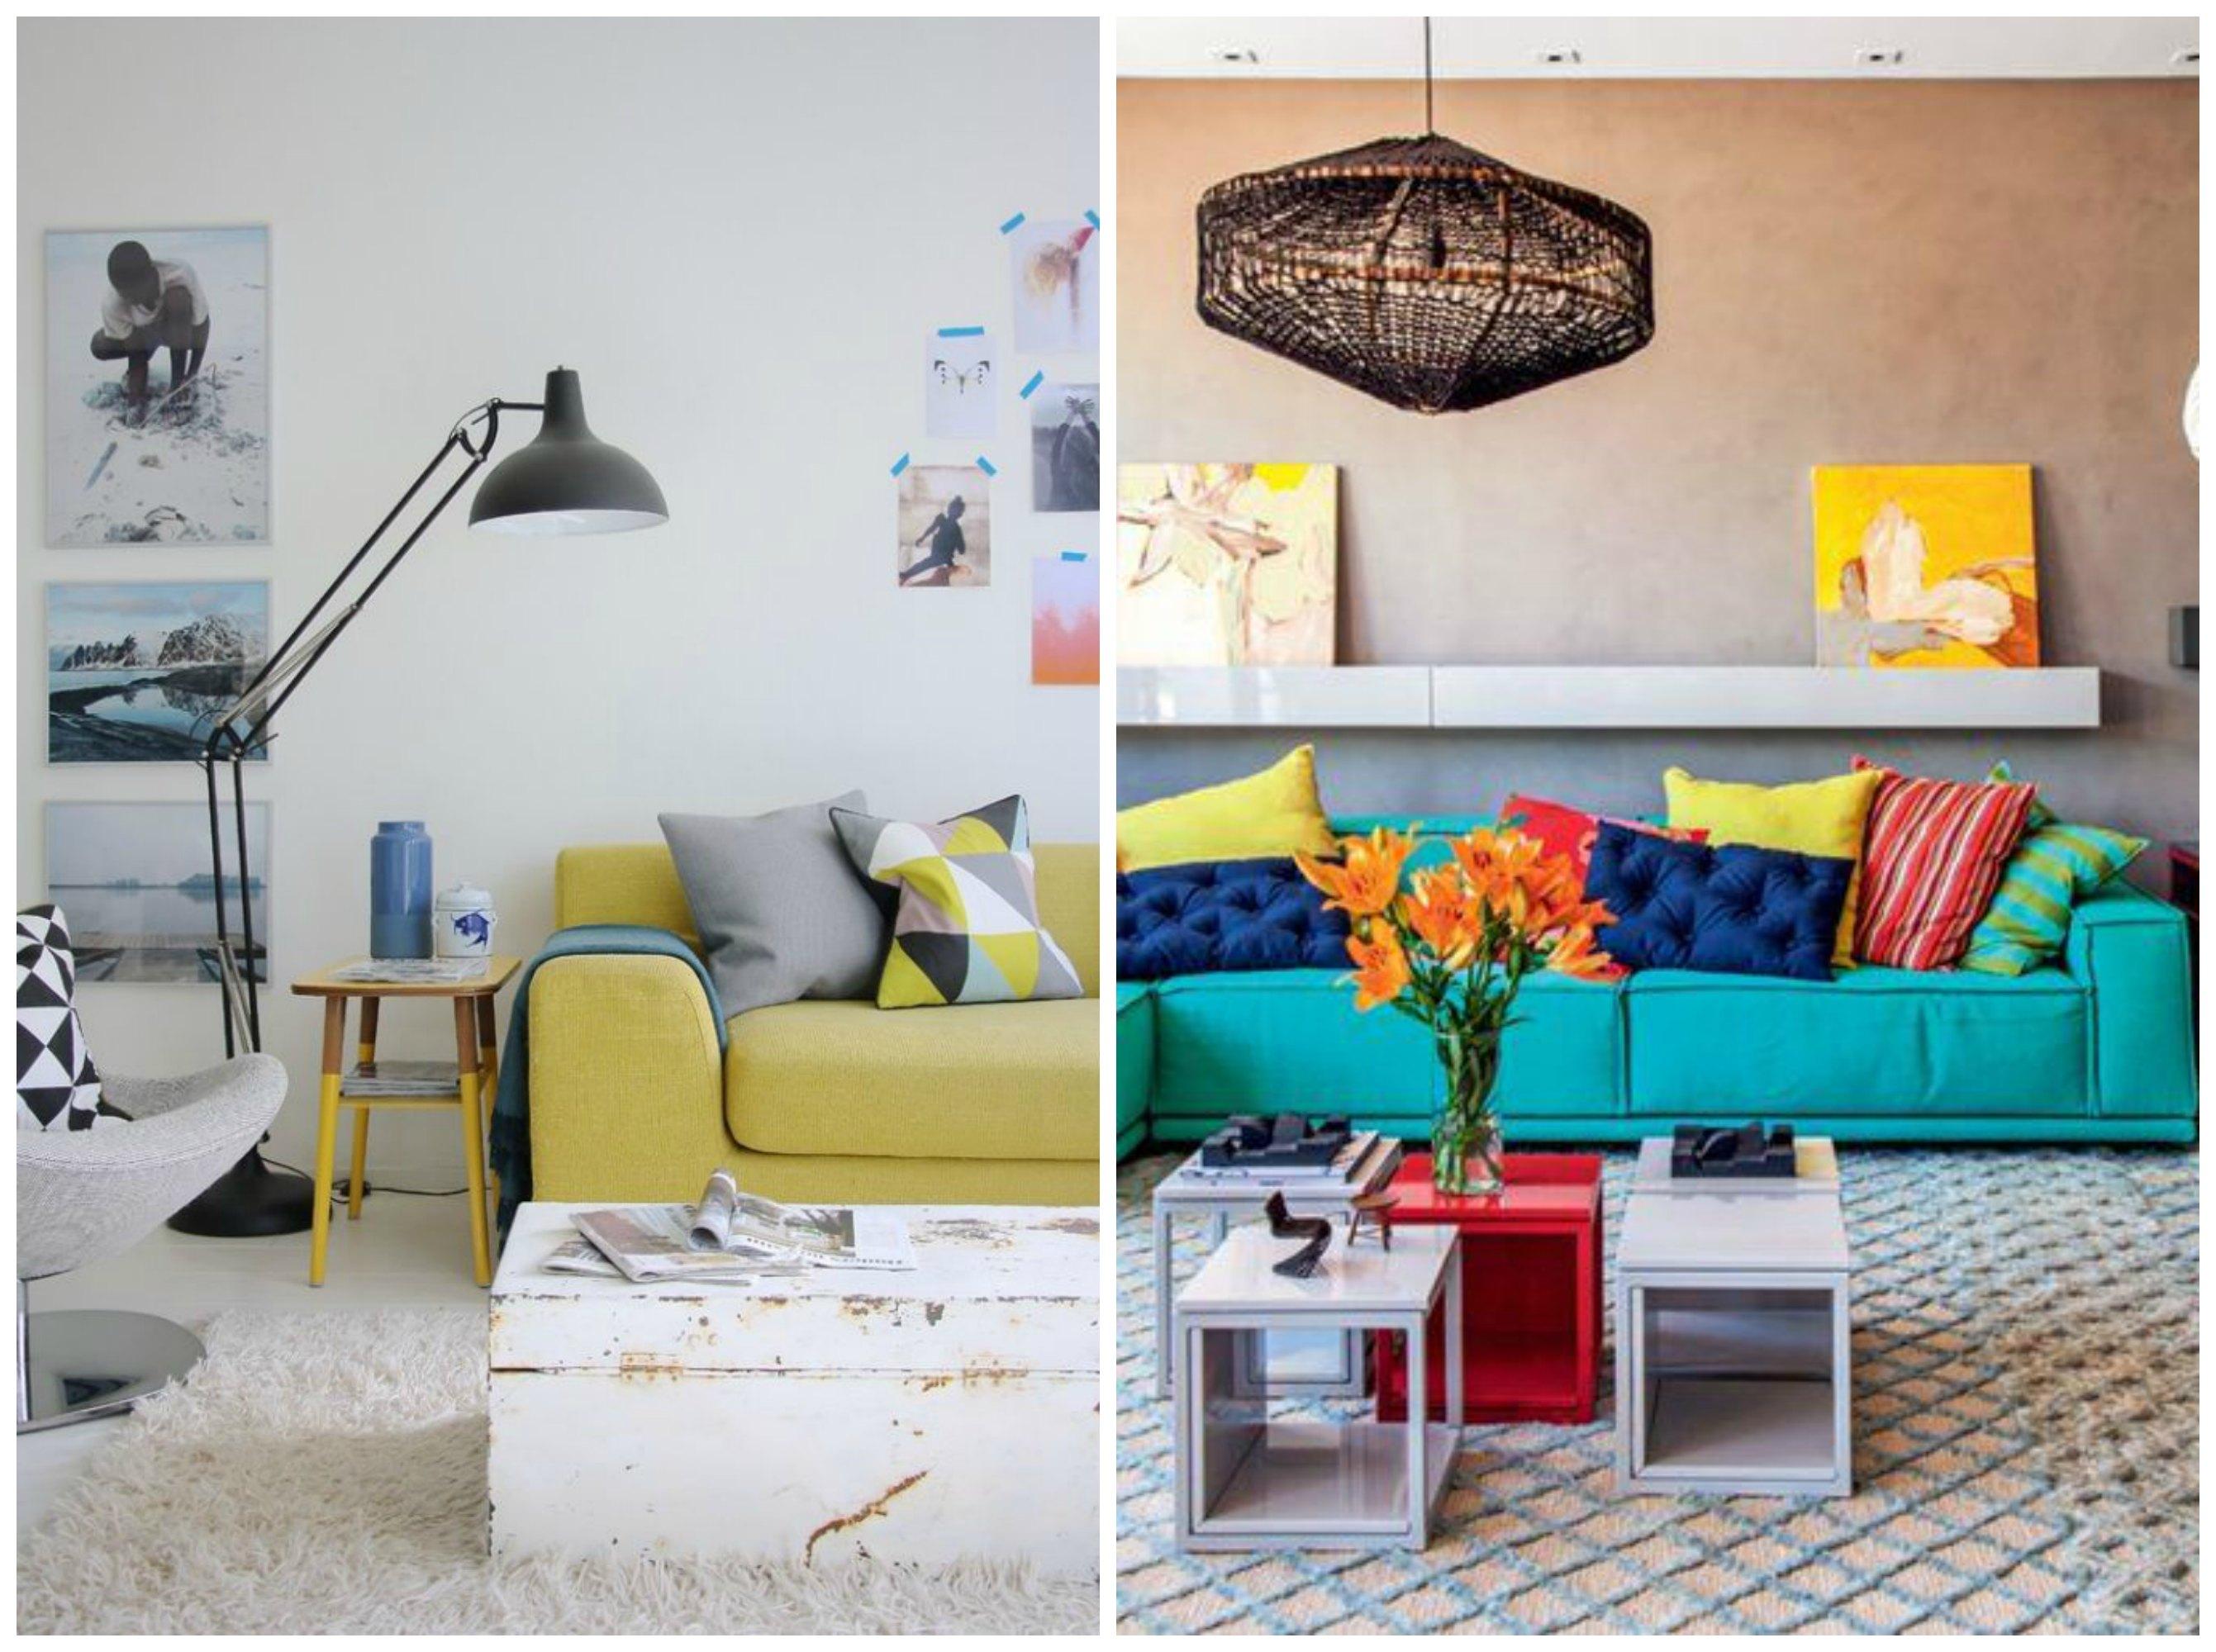 #148188 É hora de decorar: 20 dicas de sala de estar mynameisglenn 2682x2000 píxeis em Decoração Para Sala Pequena Simples E Barata